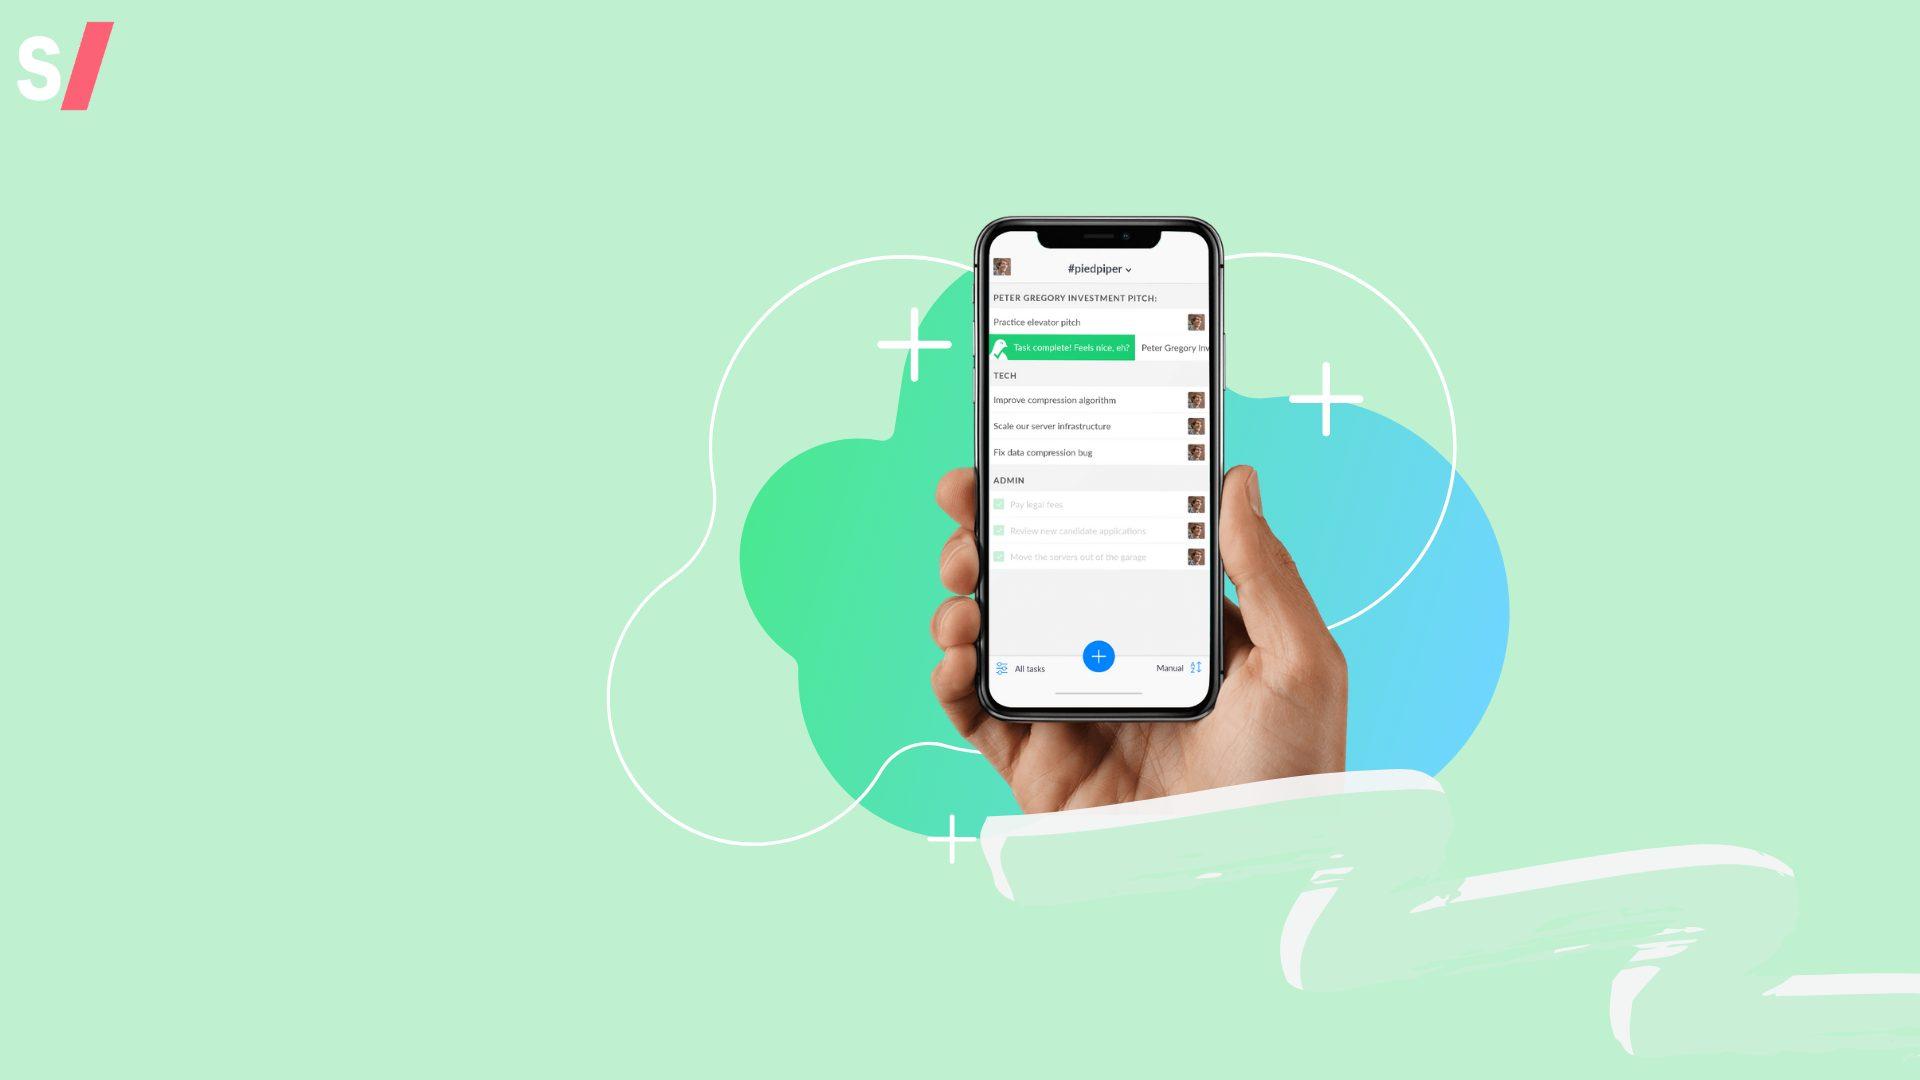 How to develop a fintech app?